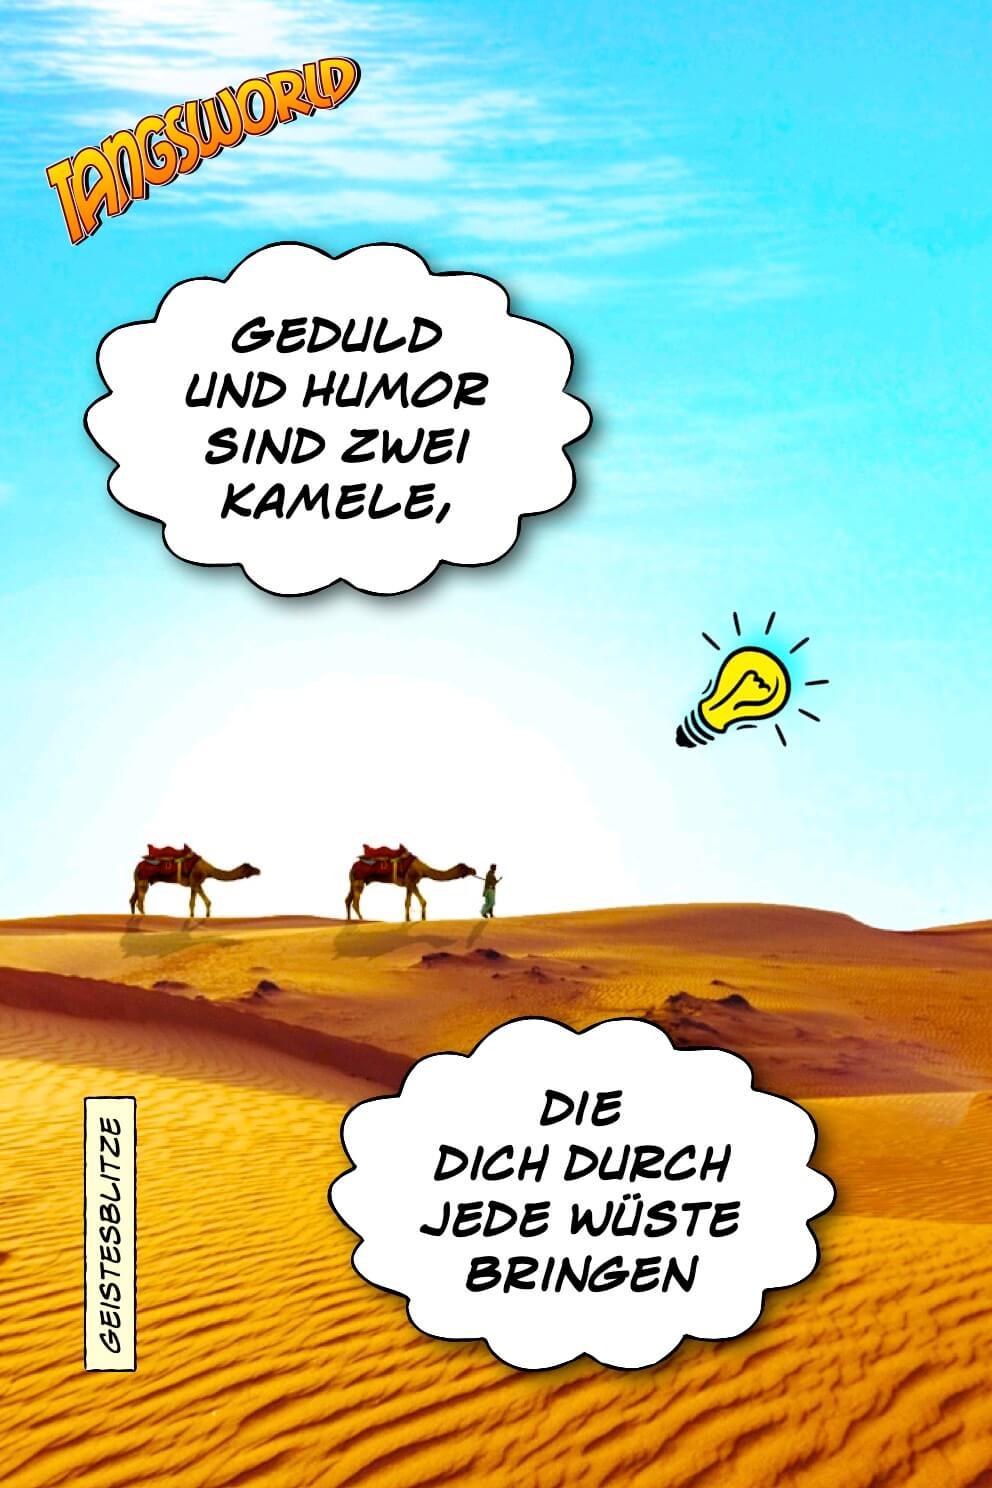 Geduld und Humor sind zwei Kamele, die dich durch jede Wüste bringen. Geistesblitze | Arabische Weisheit